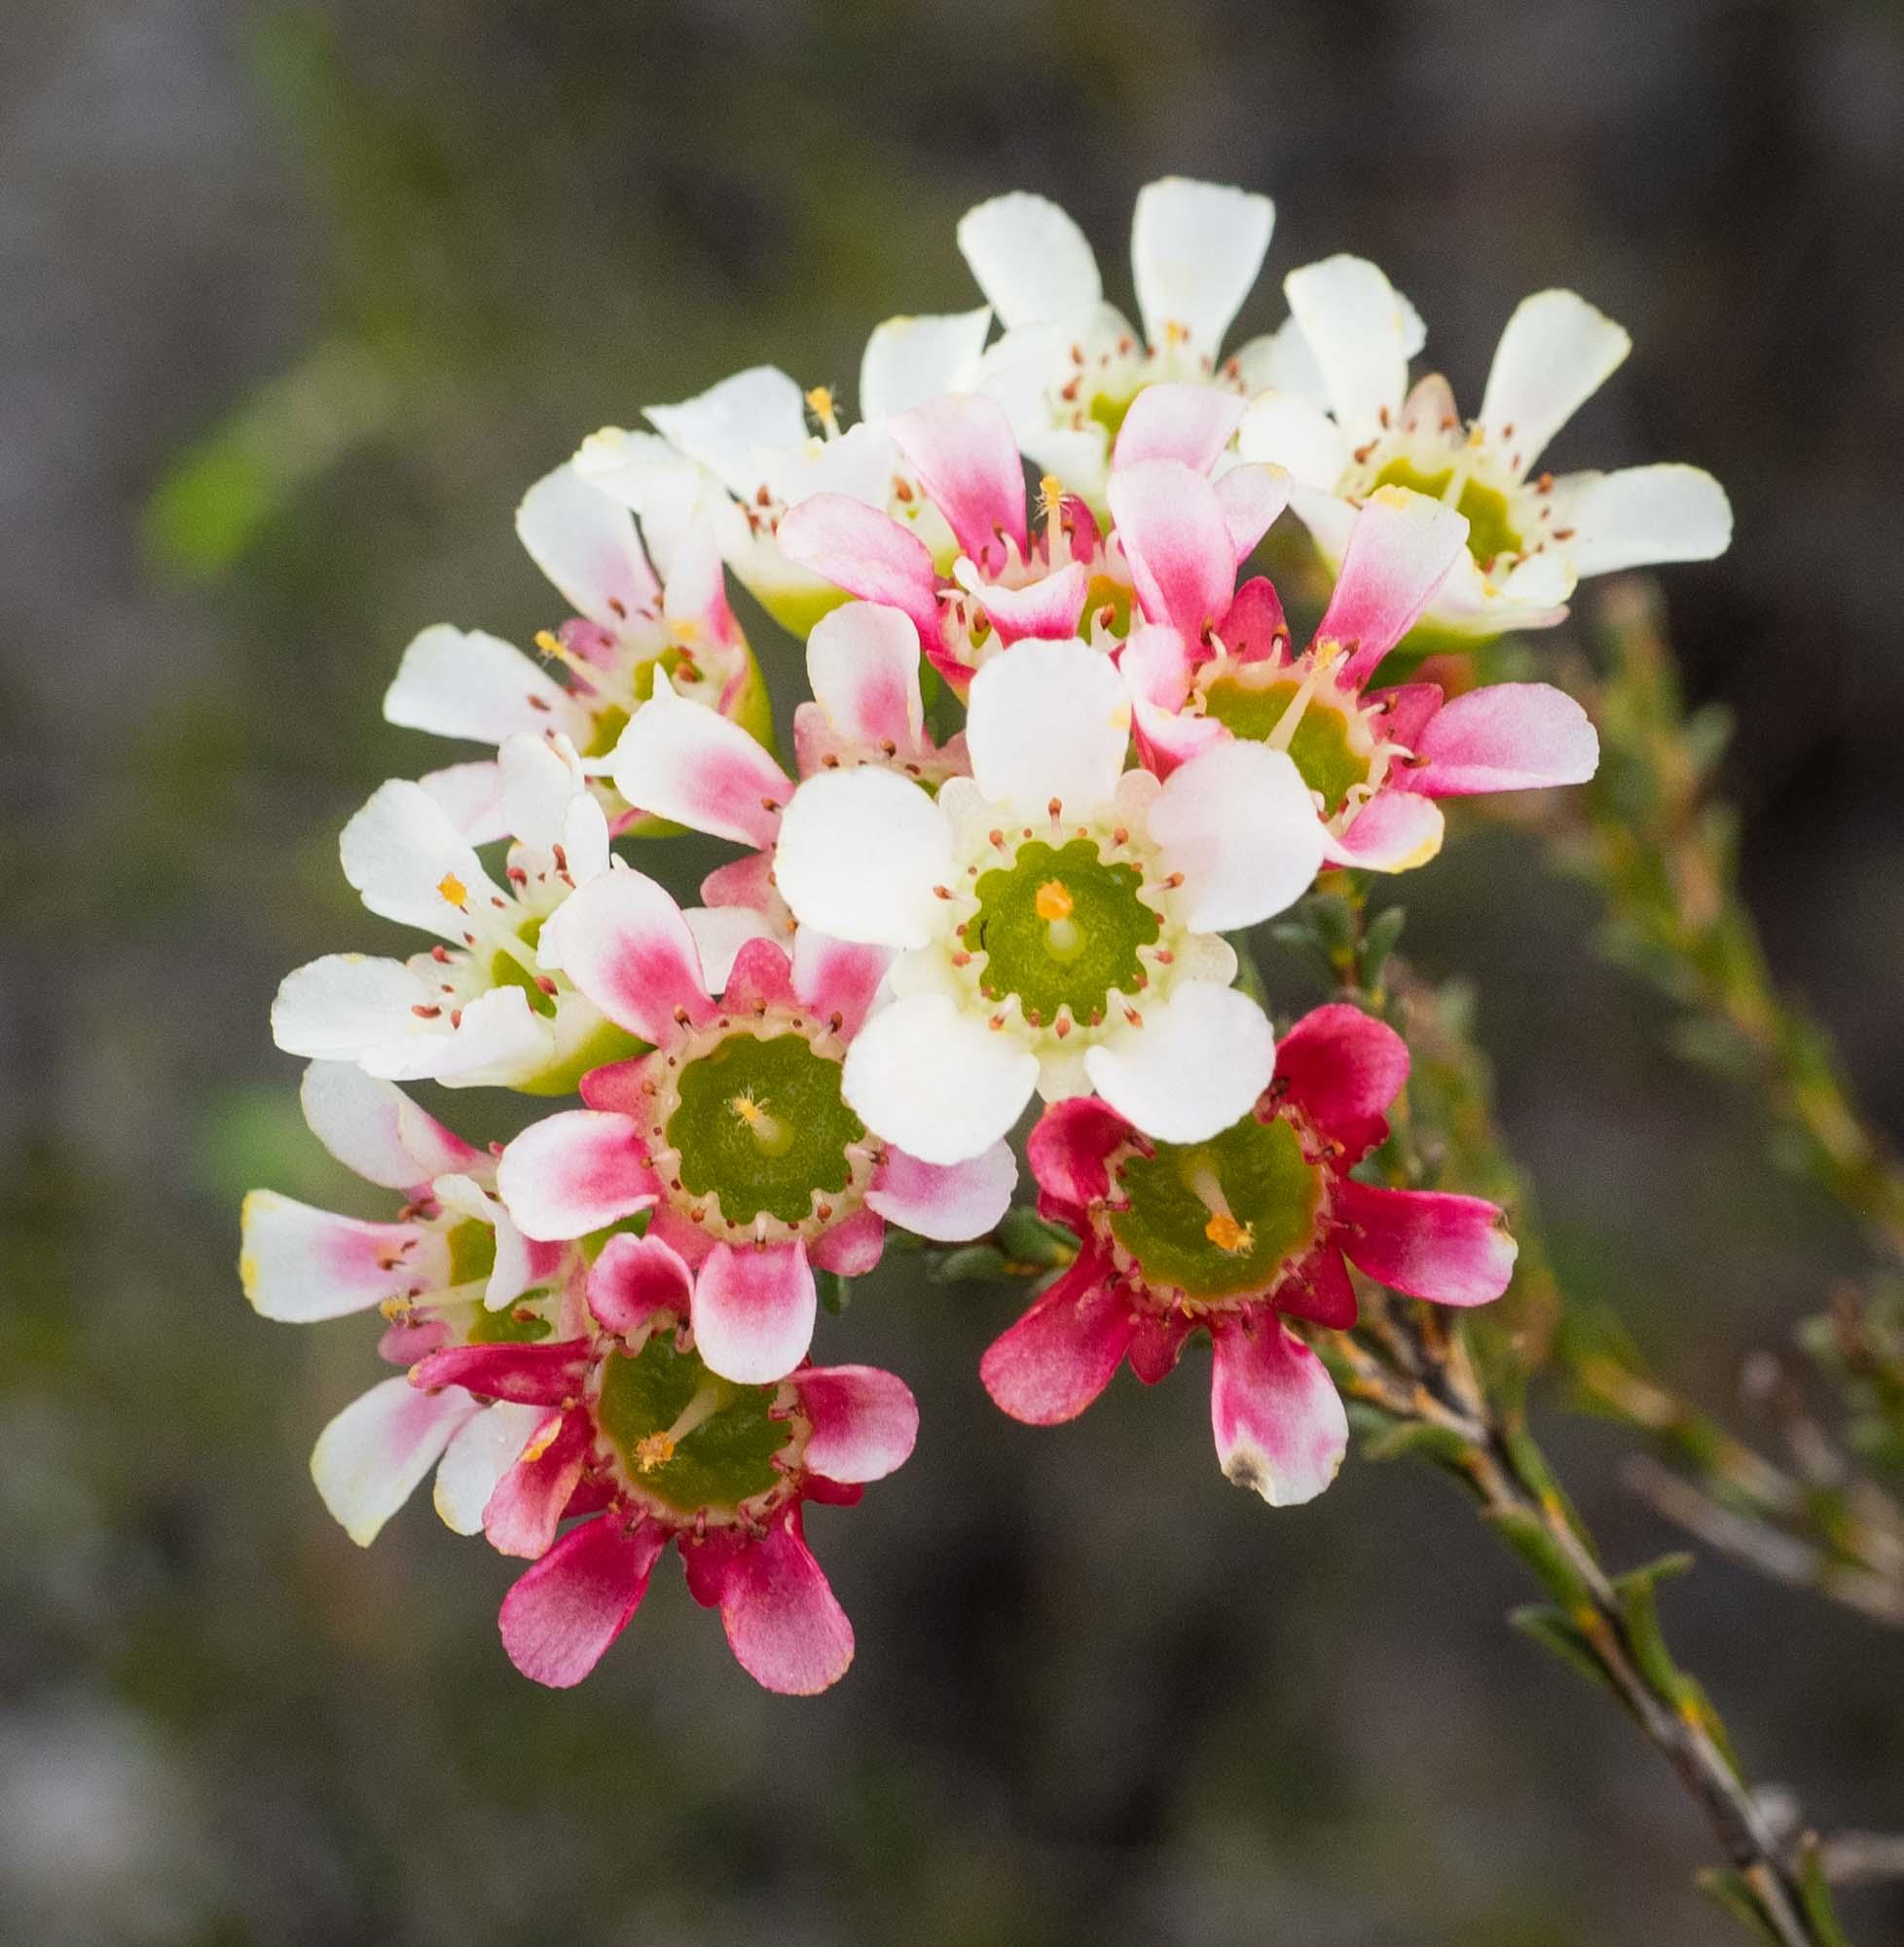 Chamelaucium megalopetalum (Large Waxflower)